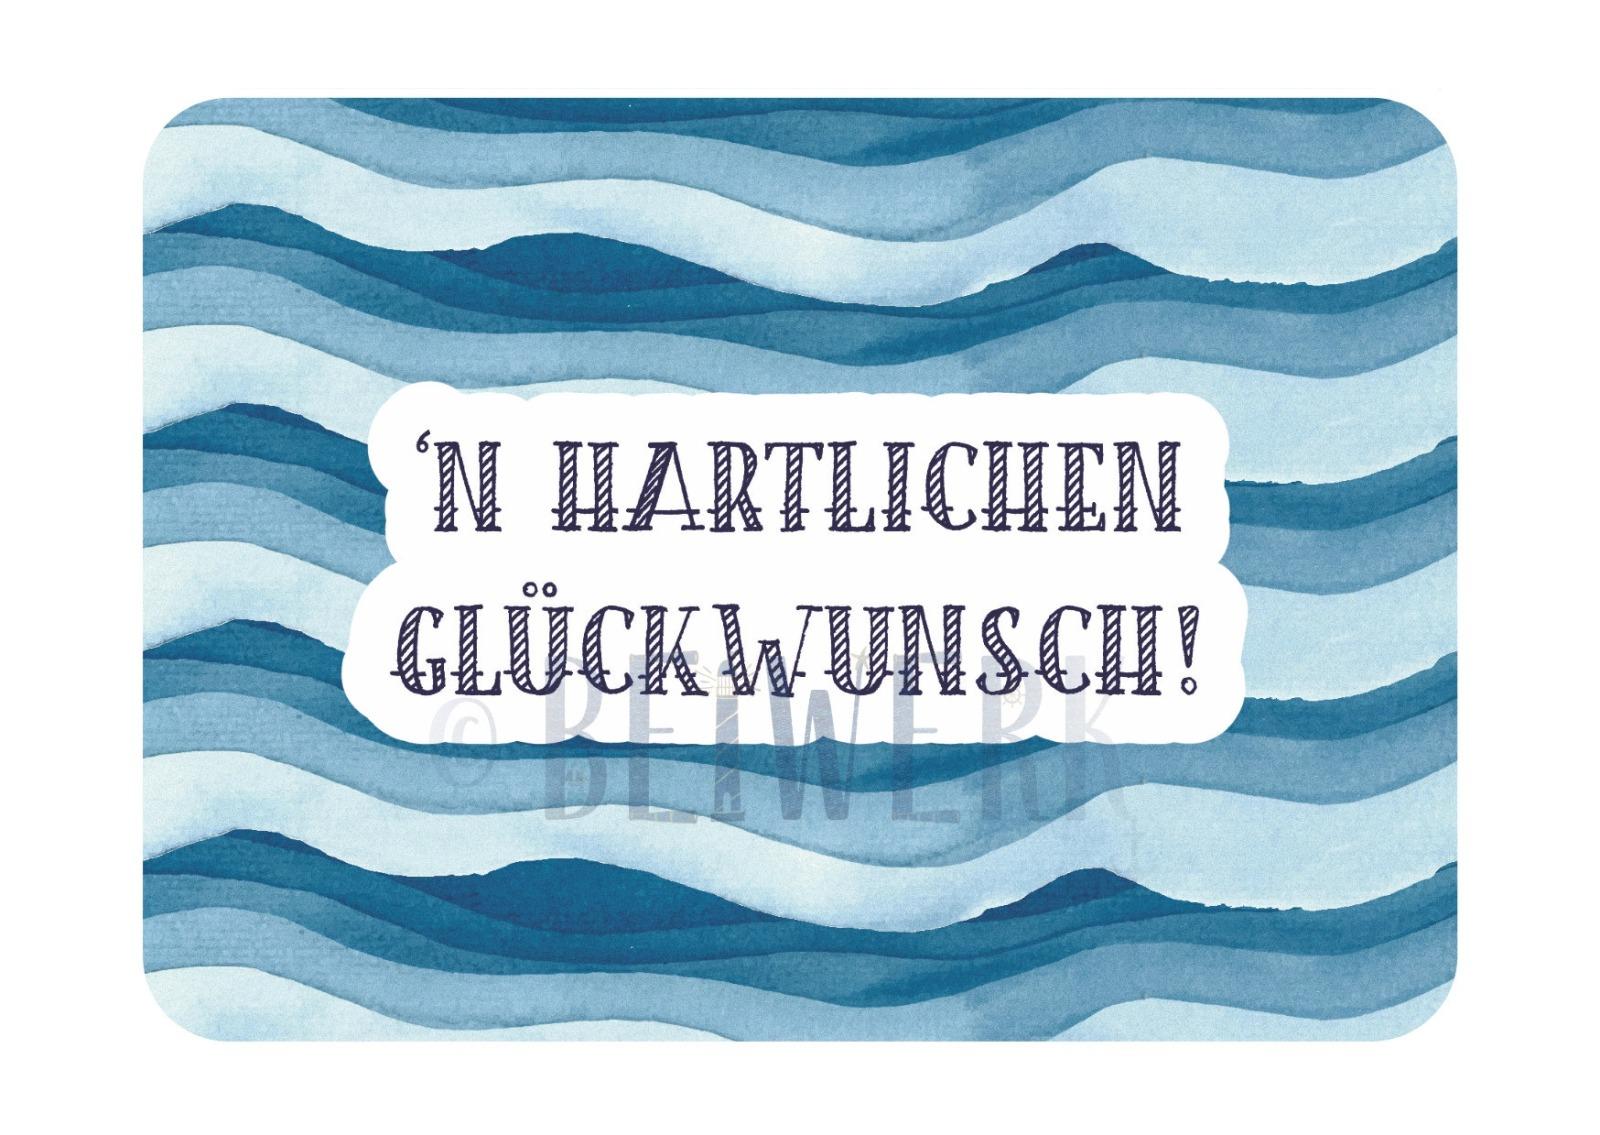 Postkarte Hartlichen Glückwunsch - 1